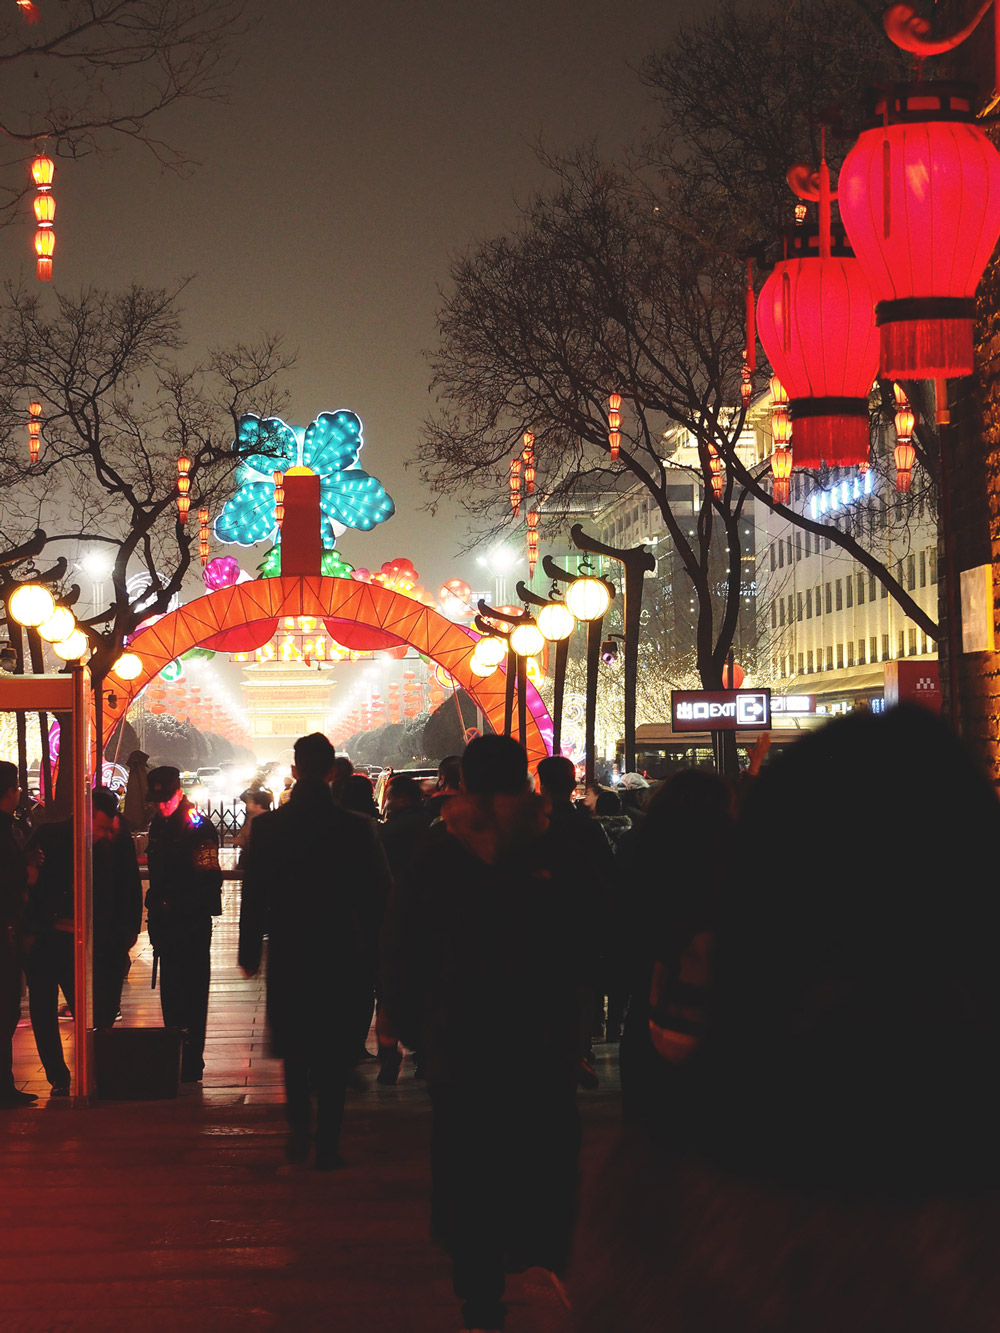 visiter remparts Xi'an festival lumières